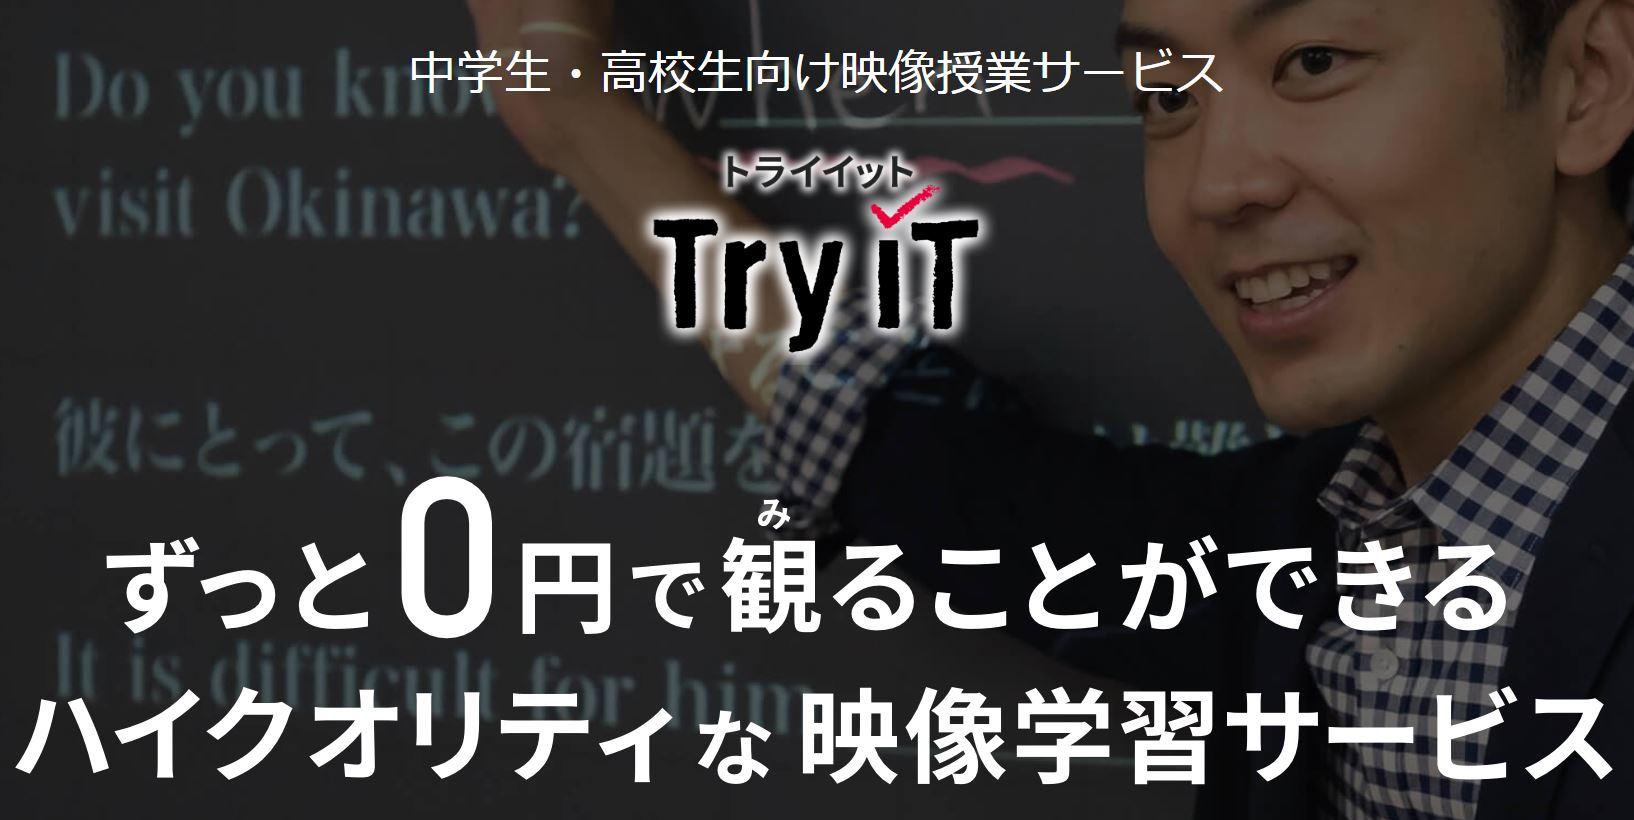 トライイット【アプリ】で大学受験は可能か?!評判、講師まとめ!